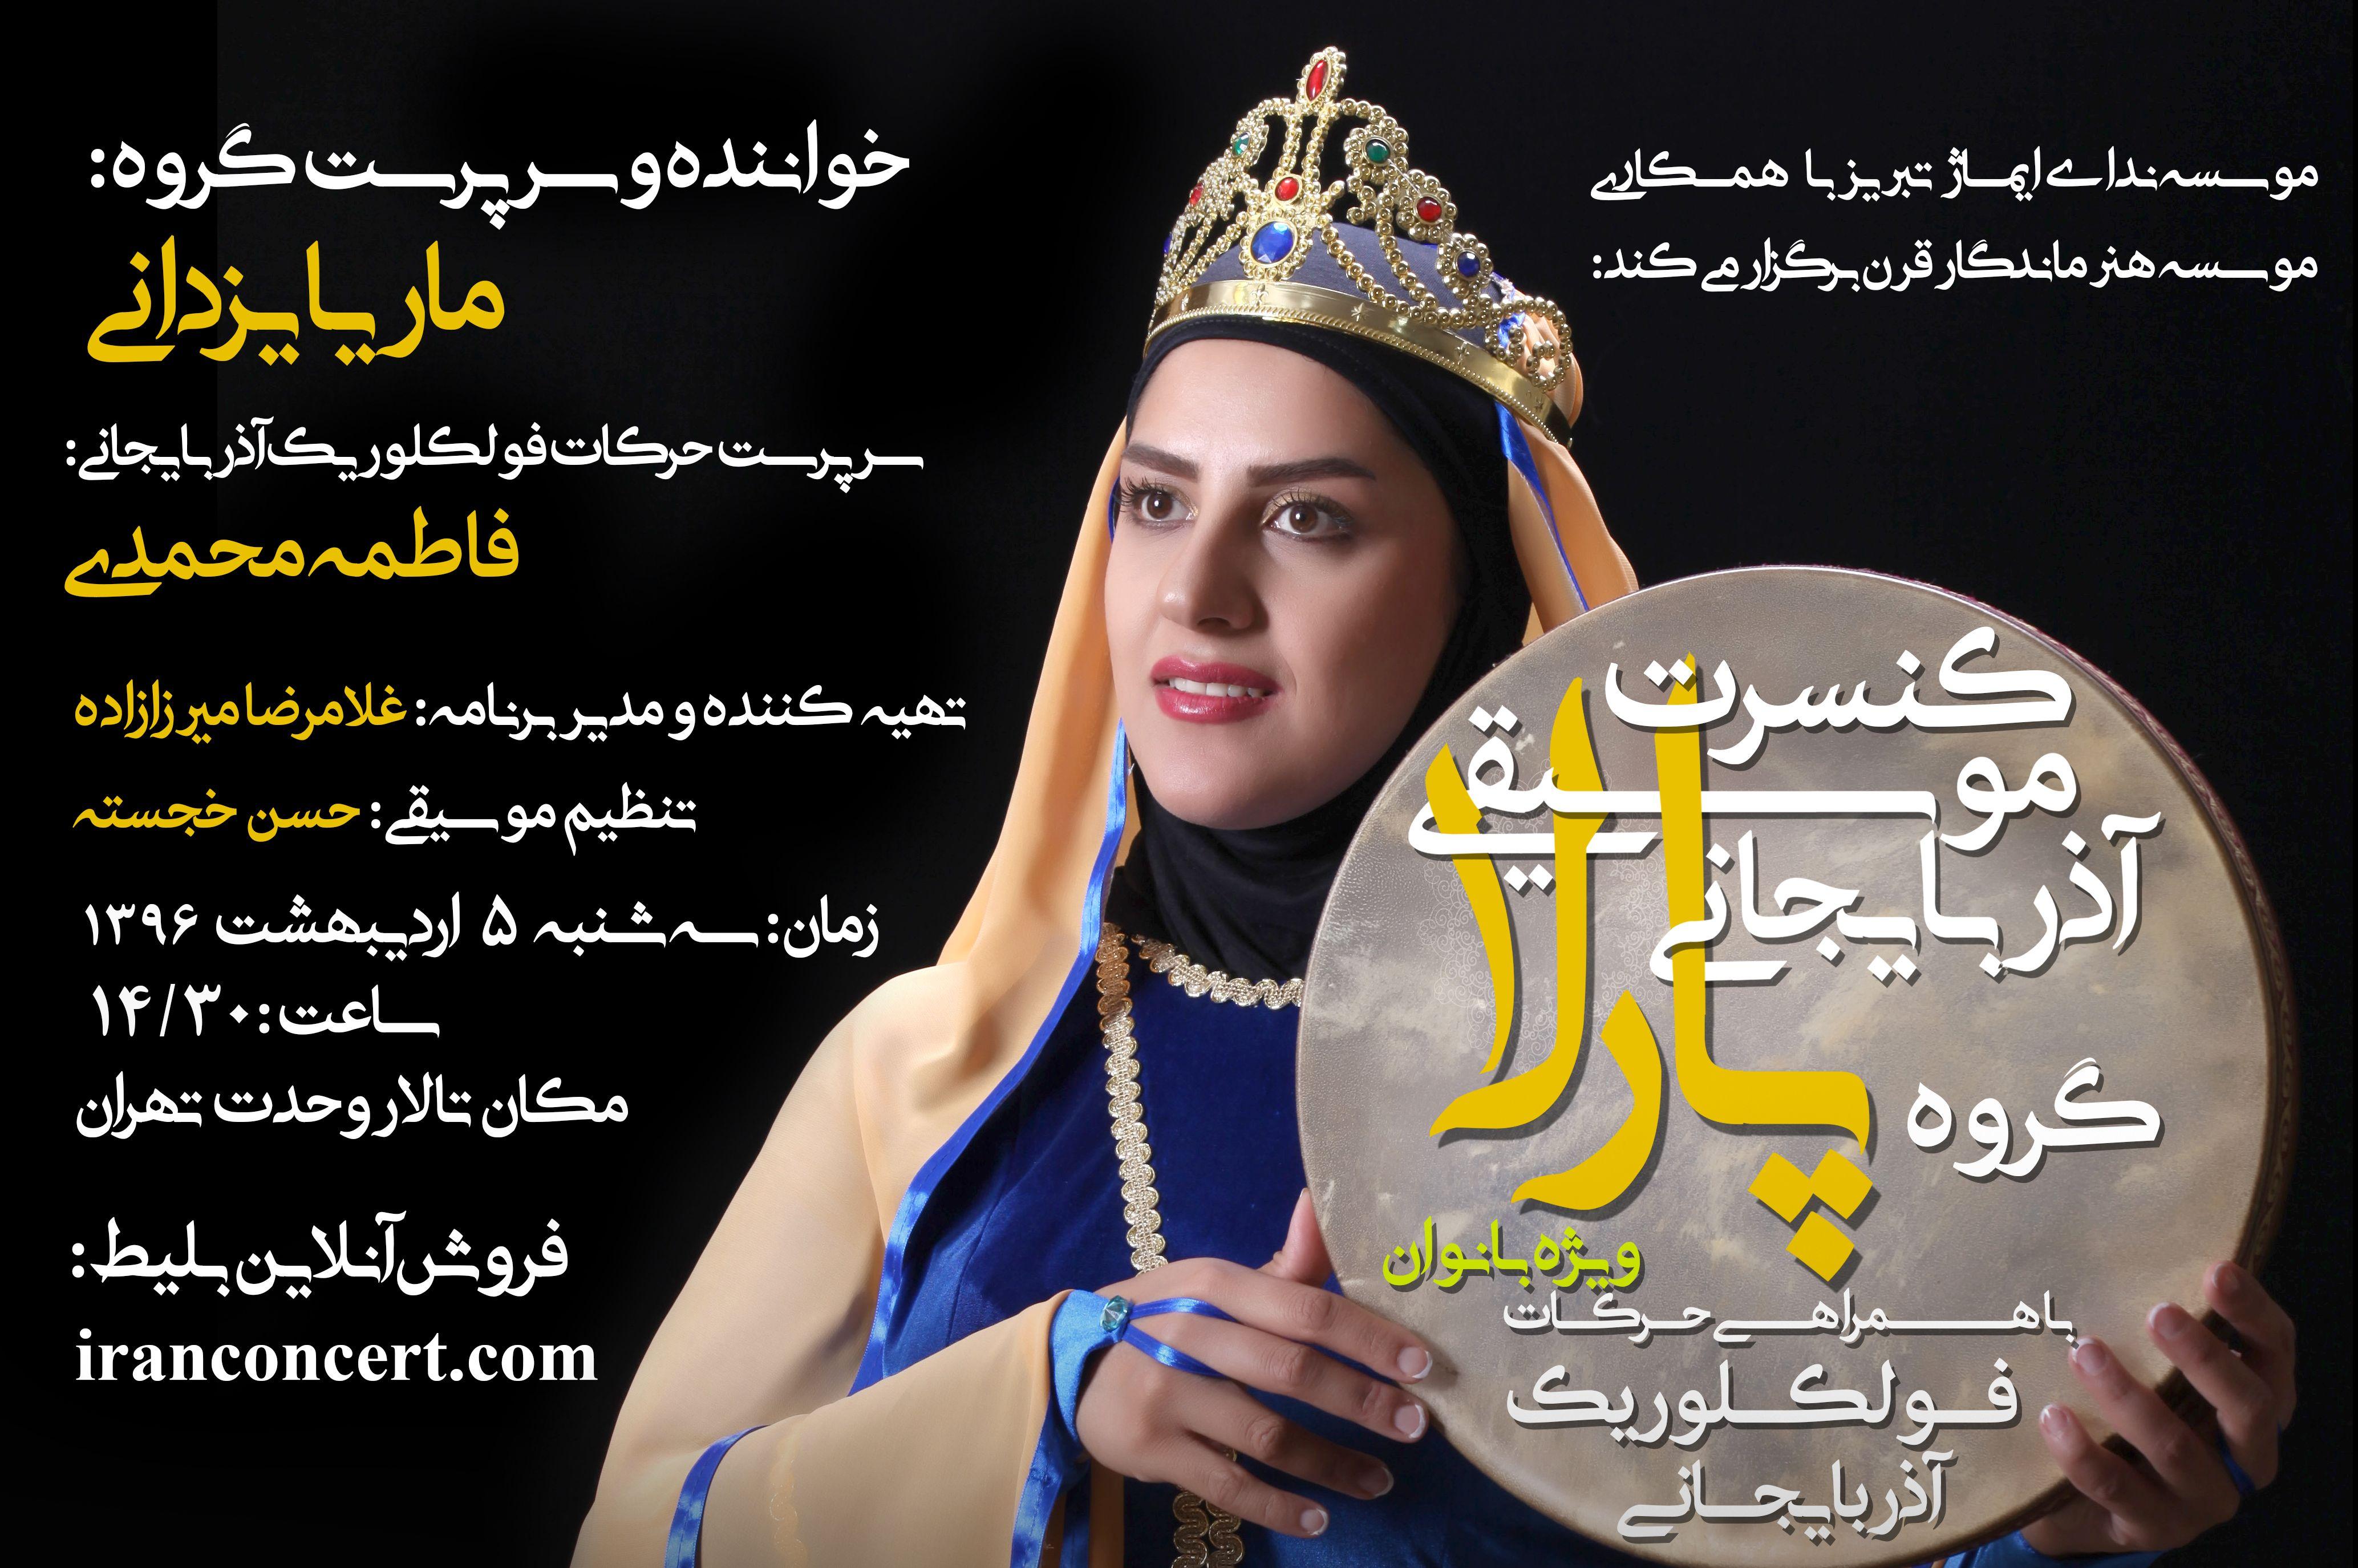 پیچیدن نوای موسیقی آذربایجان برای اولین بار توسط بانوان تبریزی در تهران